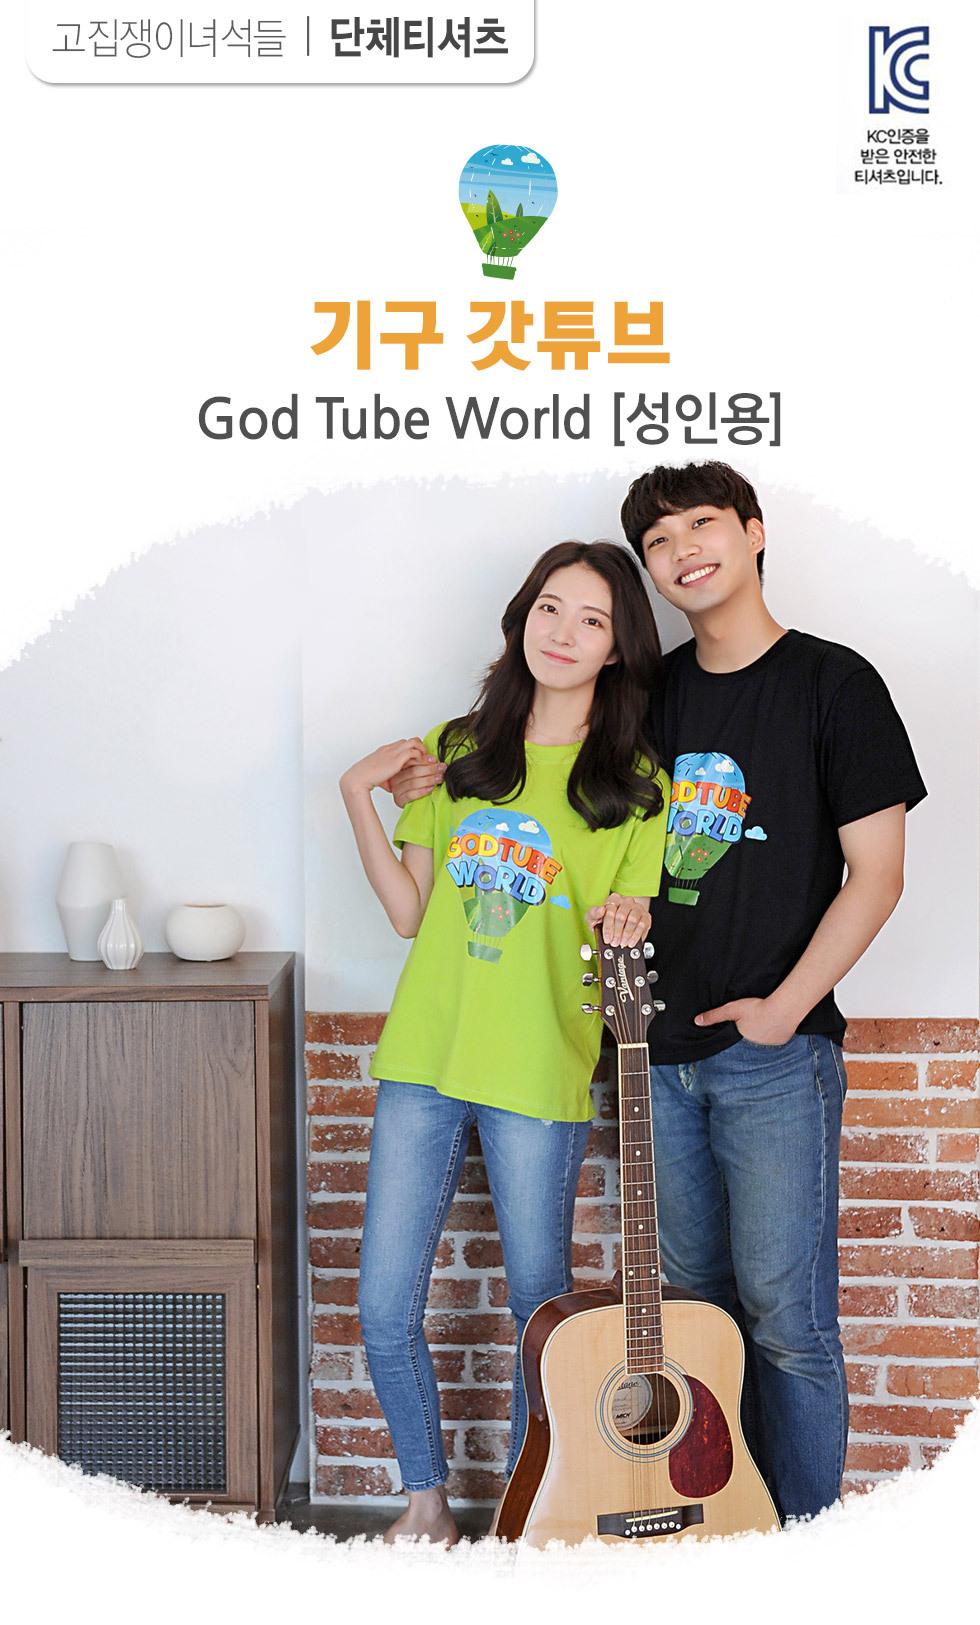 교회단체티 God Tube World 기구갓튜브 intro